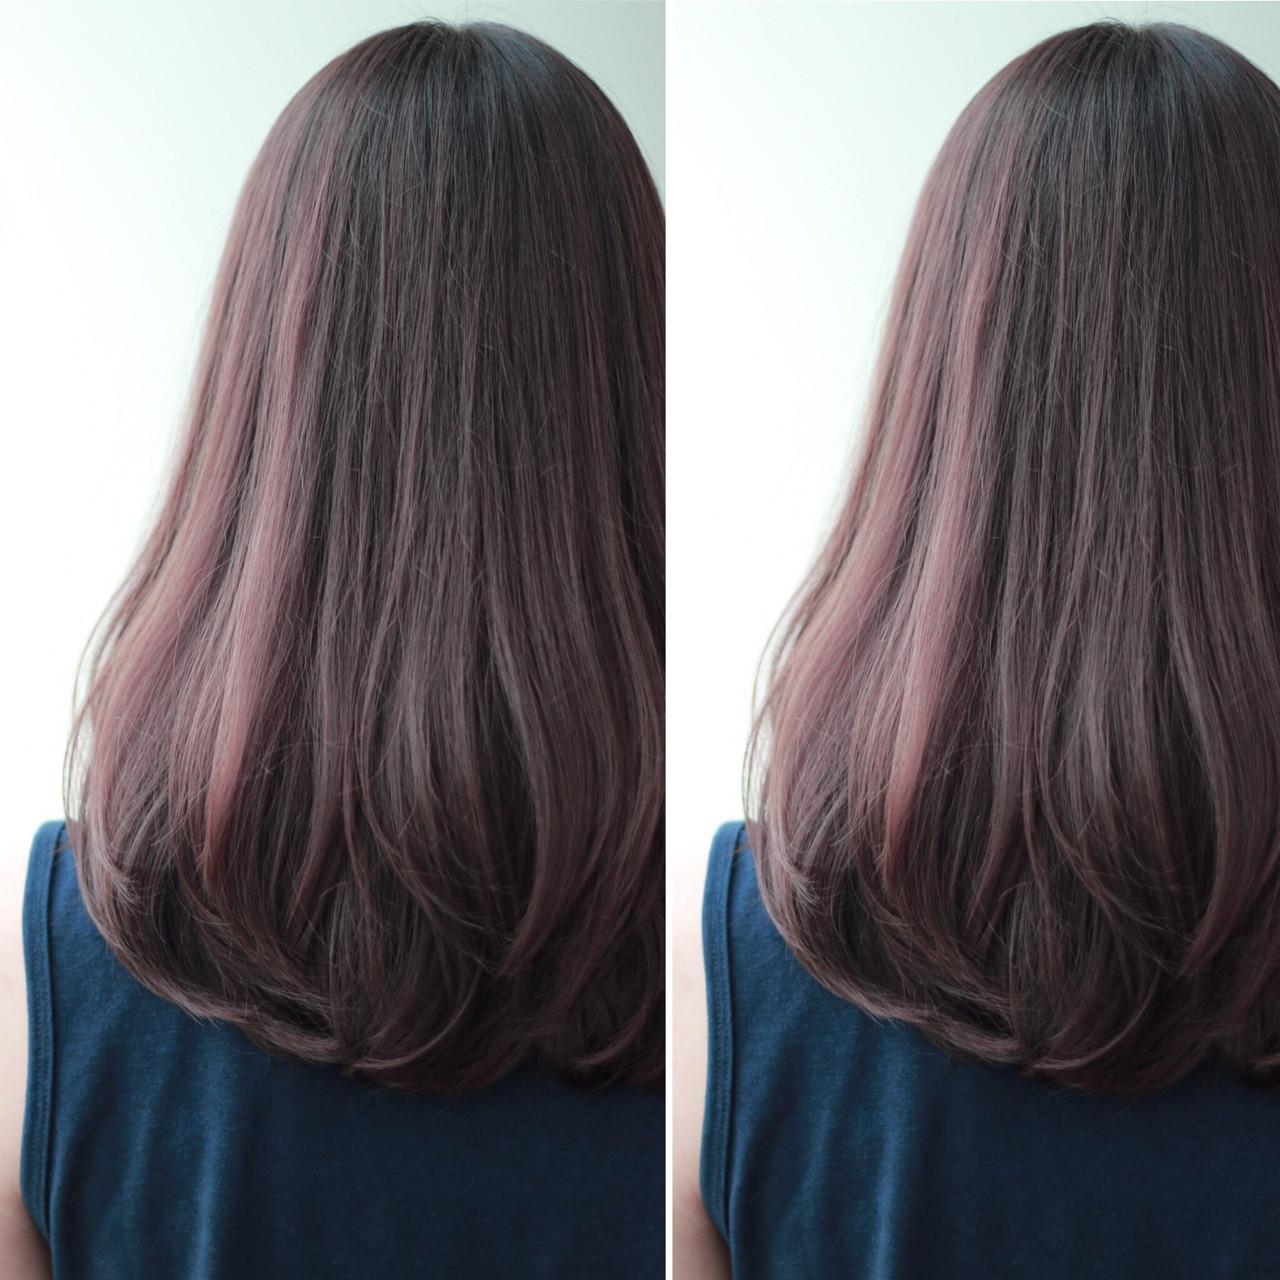 ゆるふわ ロング グラデーションカラー 暗髪 ヘアスタイルや髪型の写真・画像 | ZACC vie 宮森貴志 / ZACC vie